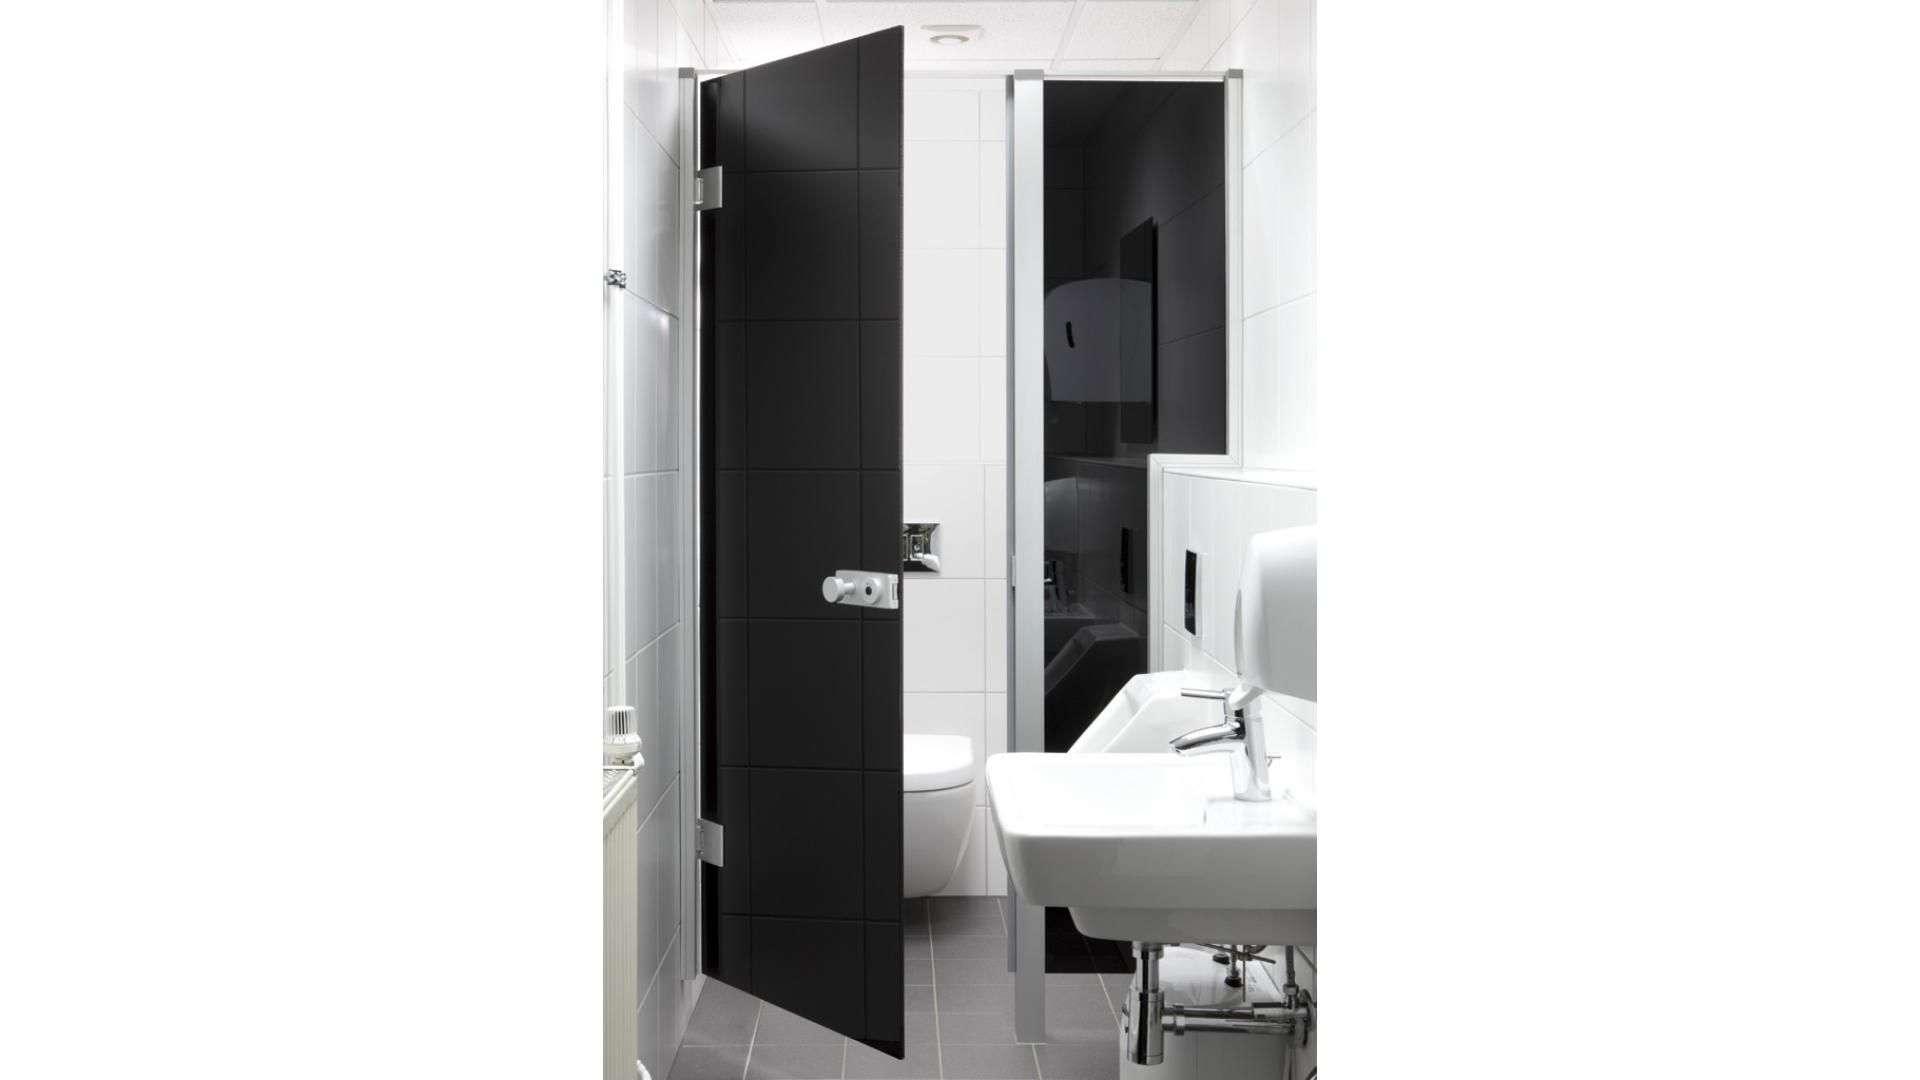 schwarze Drehtür aus Glas in einem Badezimmer